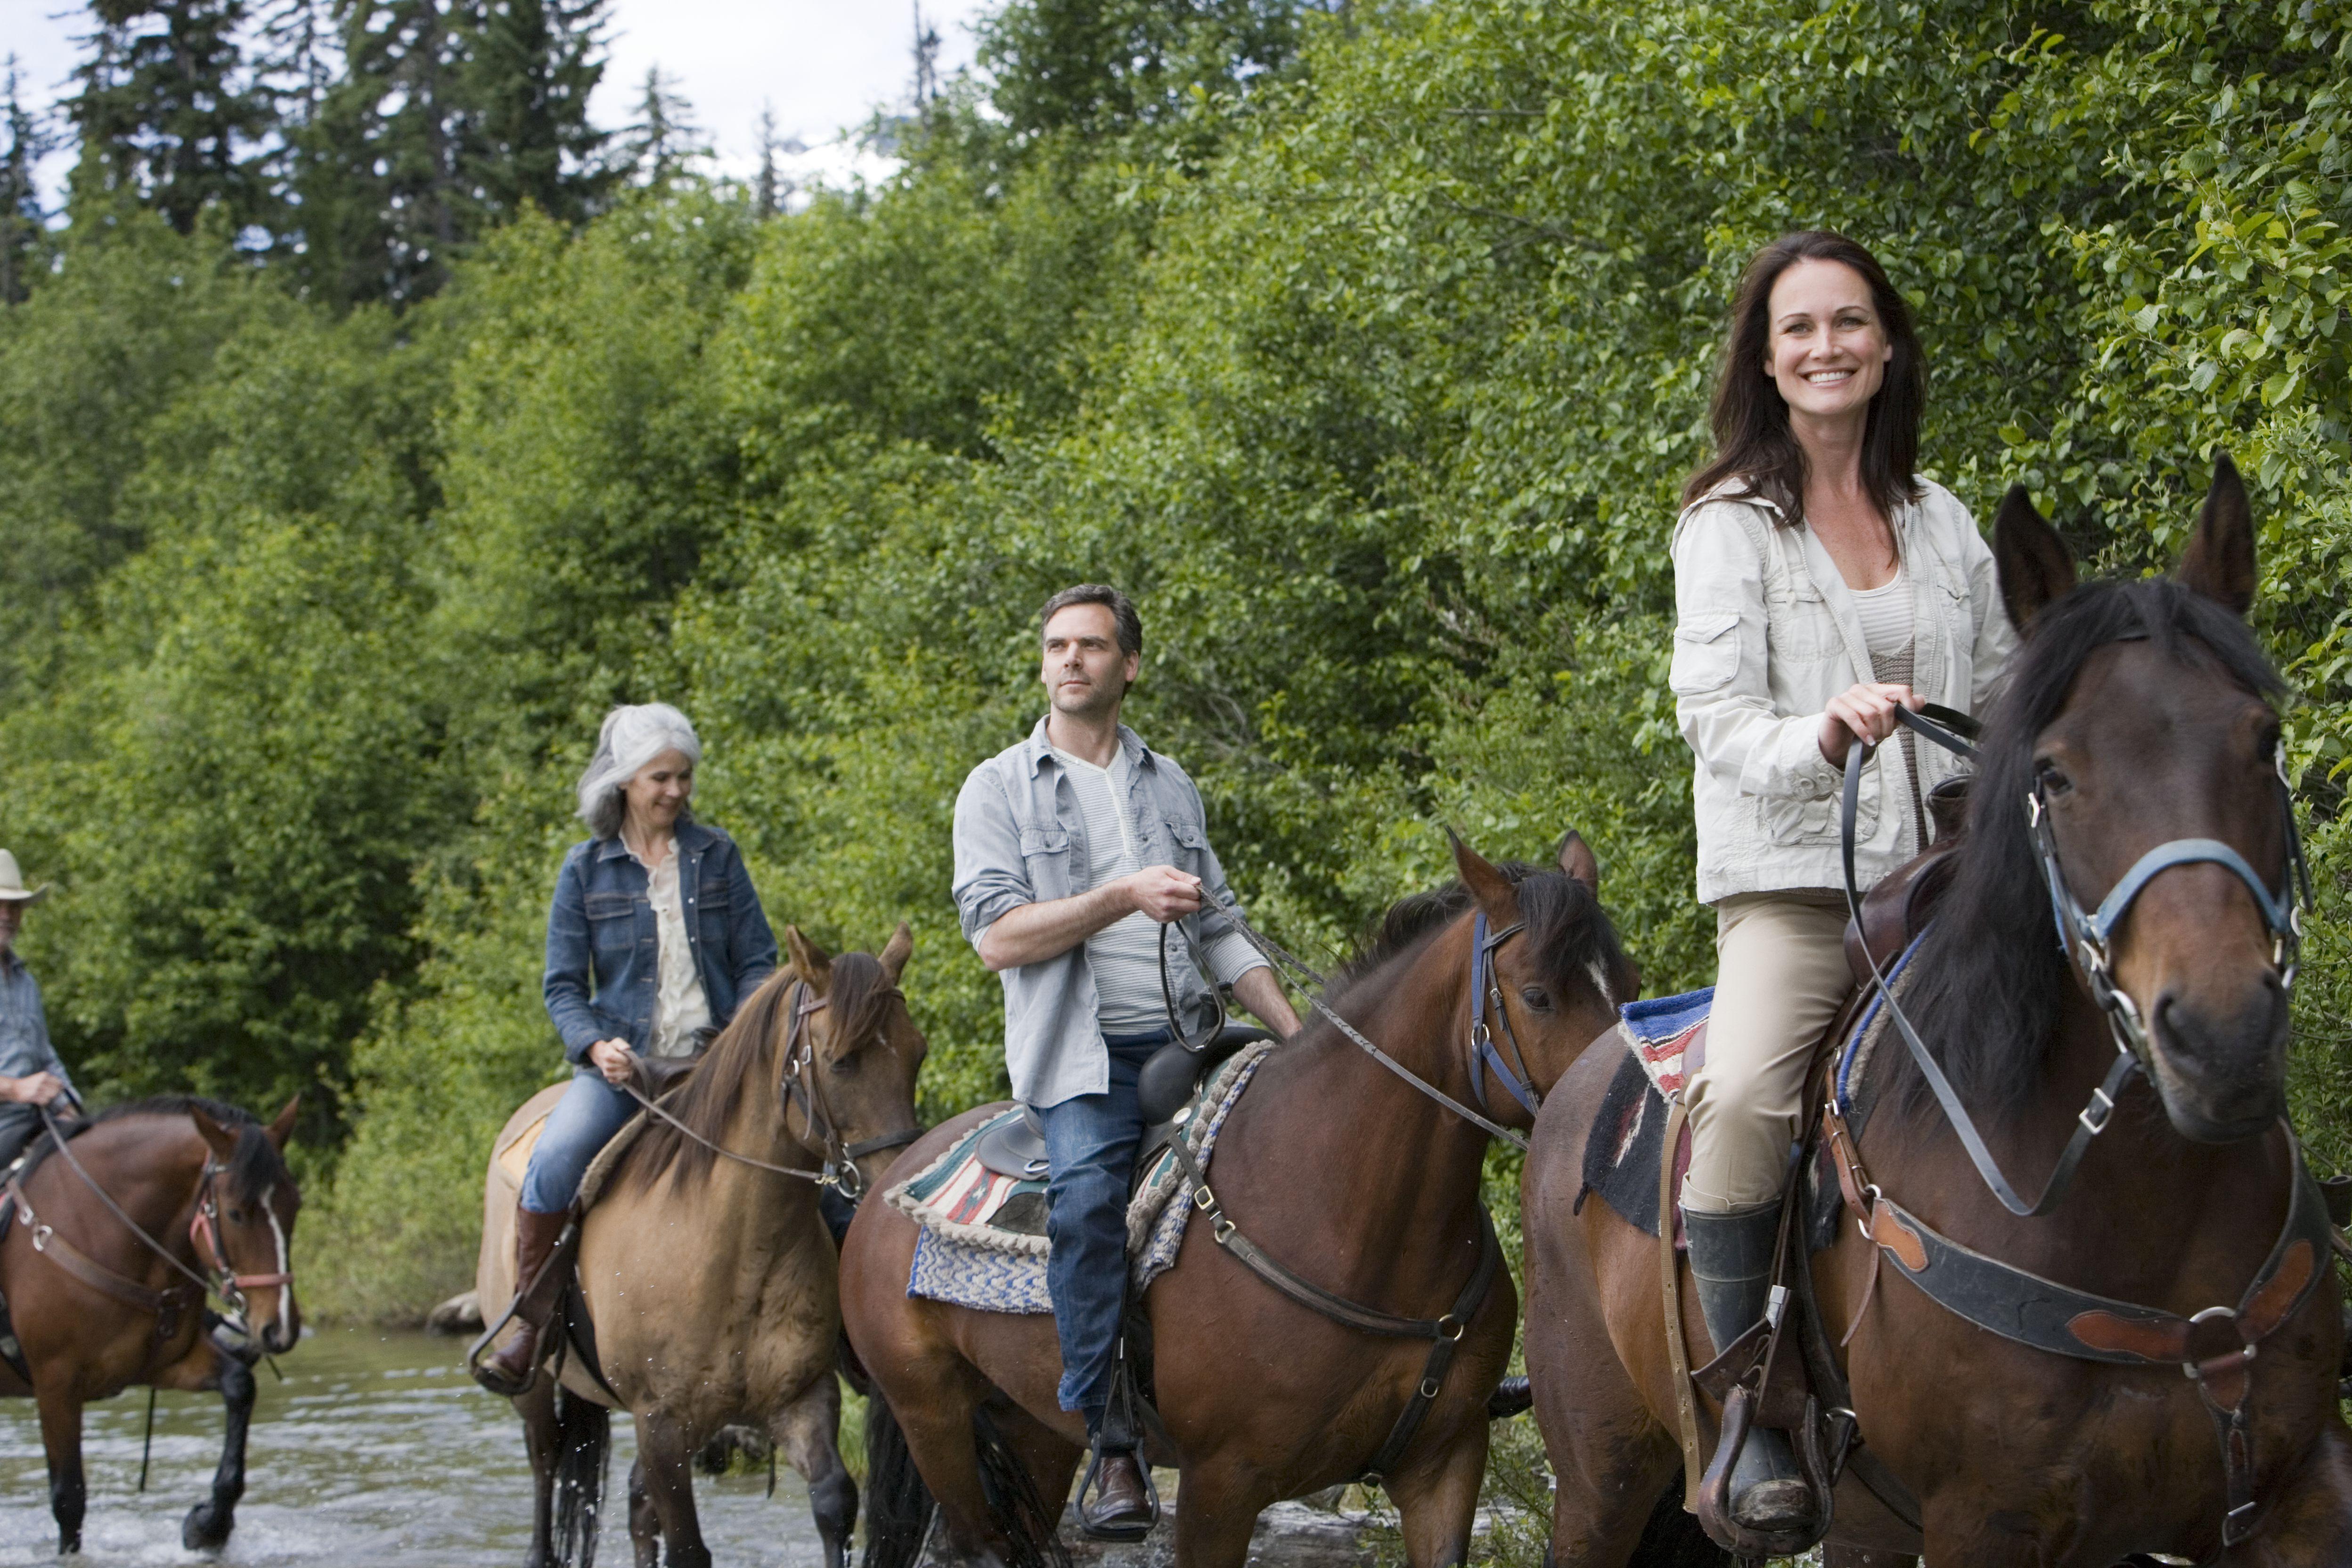 Un grupo de cuatro jinetes cruzan el río, la mujer mirando a la cámara.